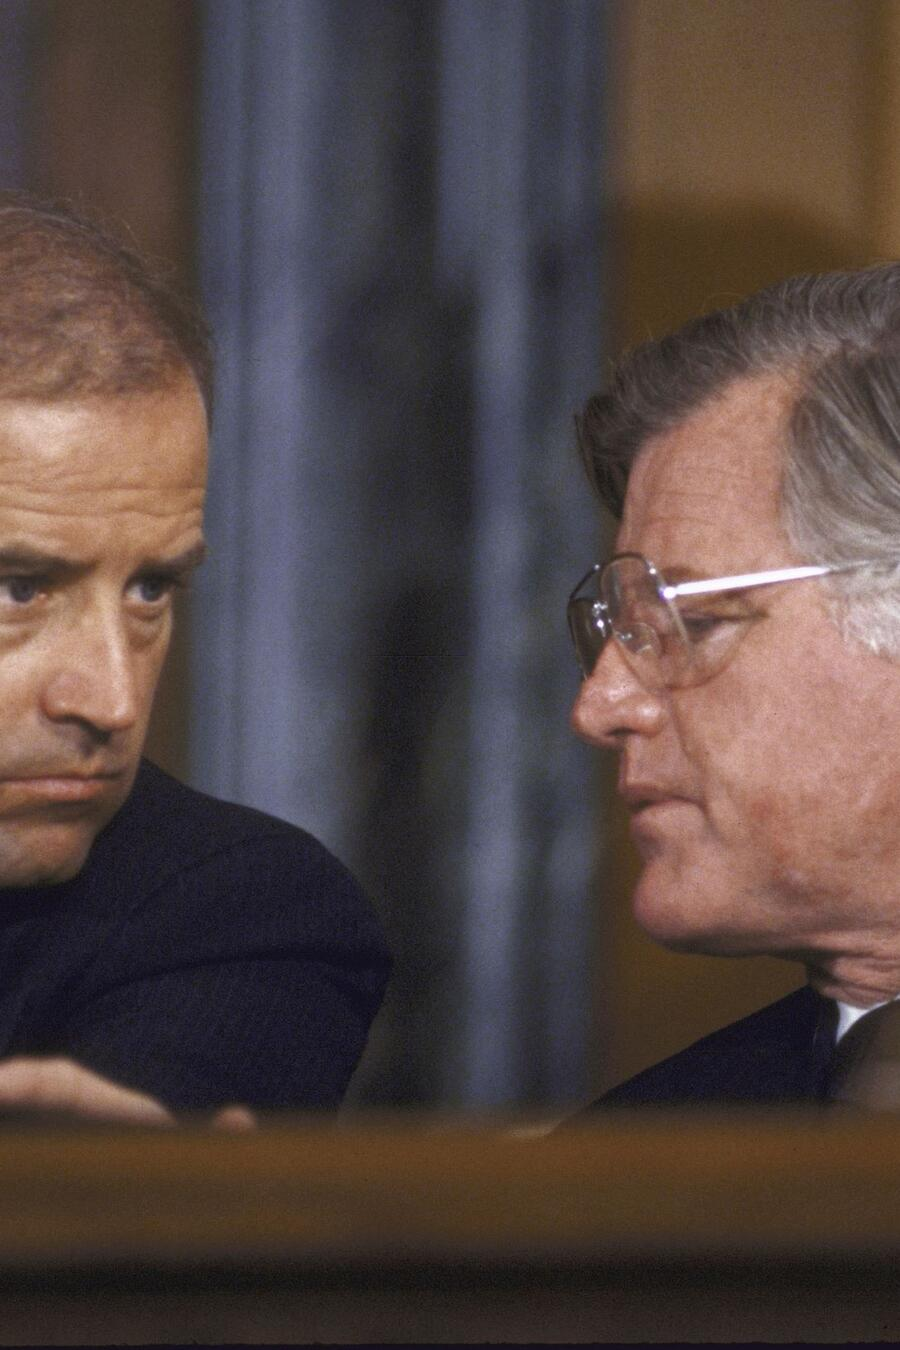 Una imagen de 1986. Joe Biden conversa con el fallecido senador Ted Kennedy (D), uno de los grandes defensores de la inmigración en EEUU. Ese mismo año, el Congreso aprobó una ley que legalizó a millones de indocumentados.